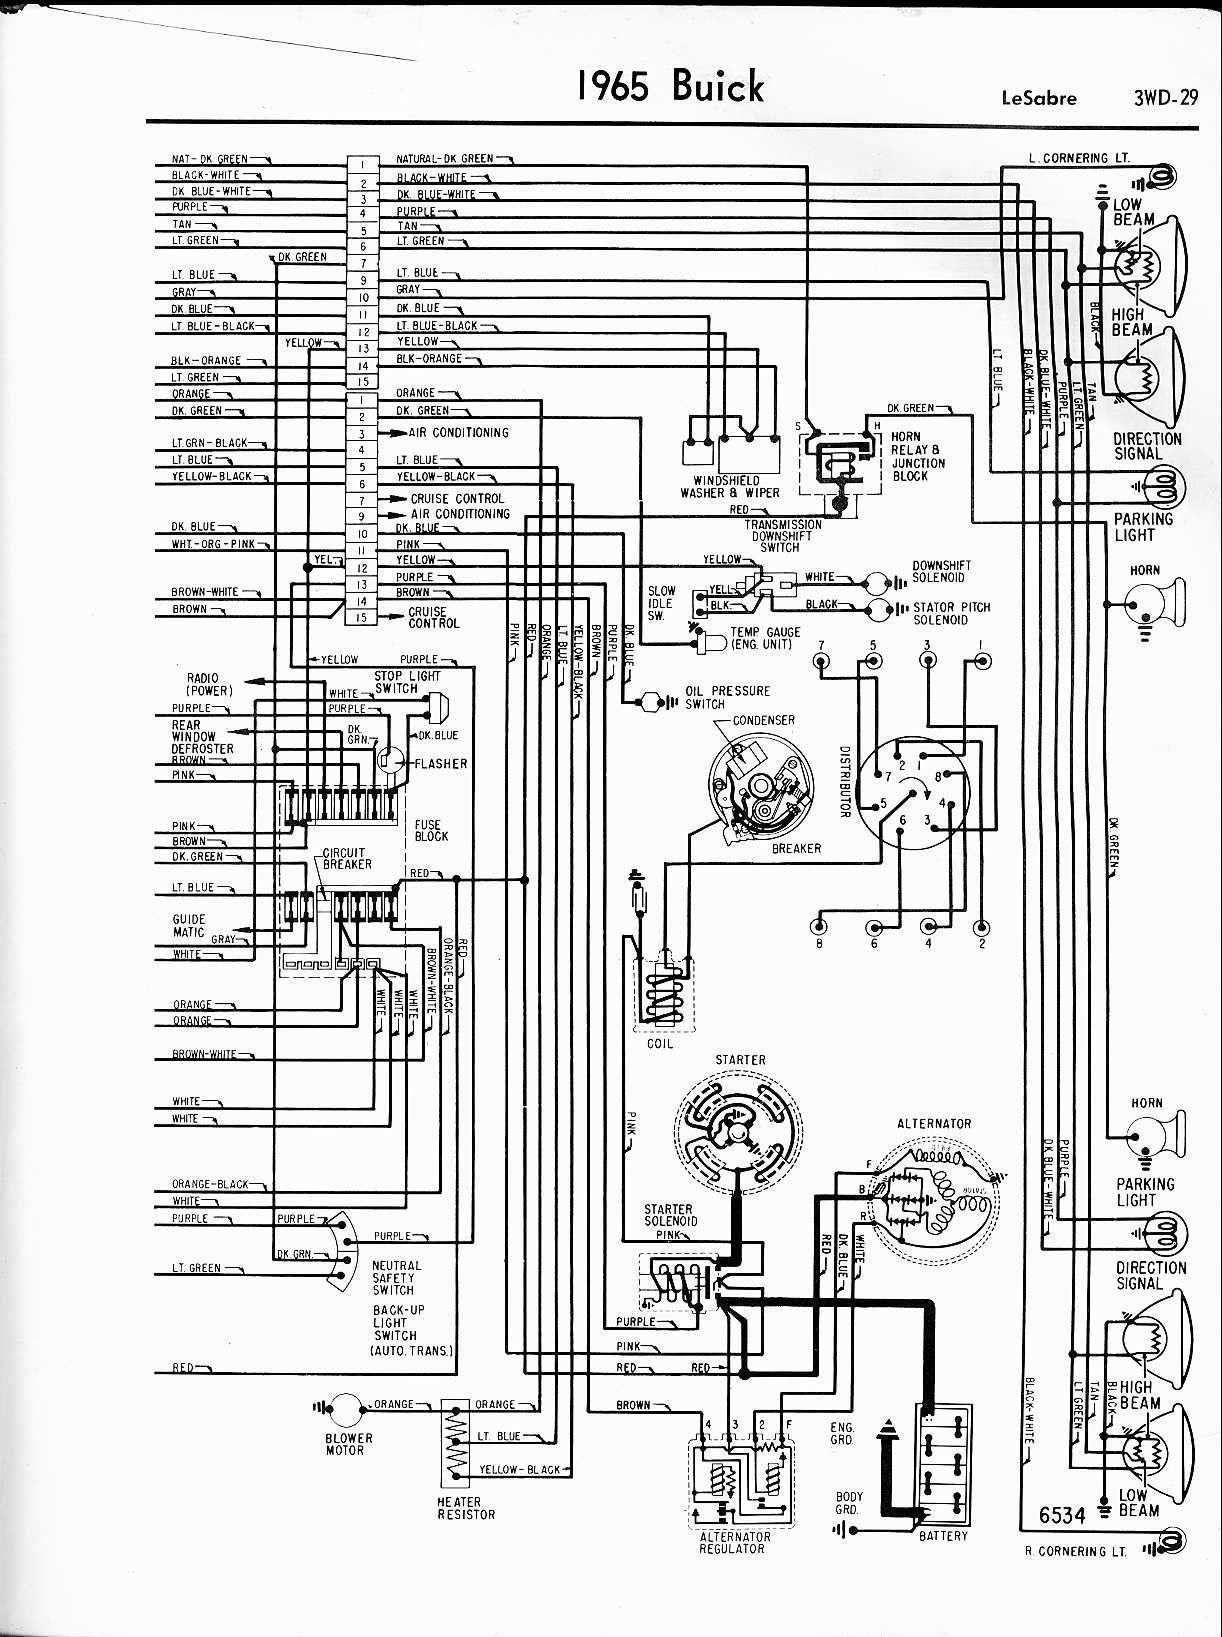 New Saturn Alternator Wiring Diagram Diagrams Digramssample Diagramimages Wiringdiagramsample Wiringdiagram Diagram Buick Century Buick Lesabre